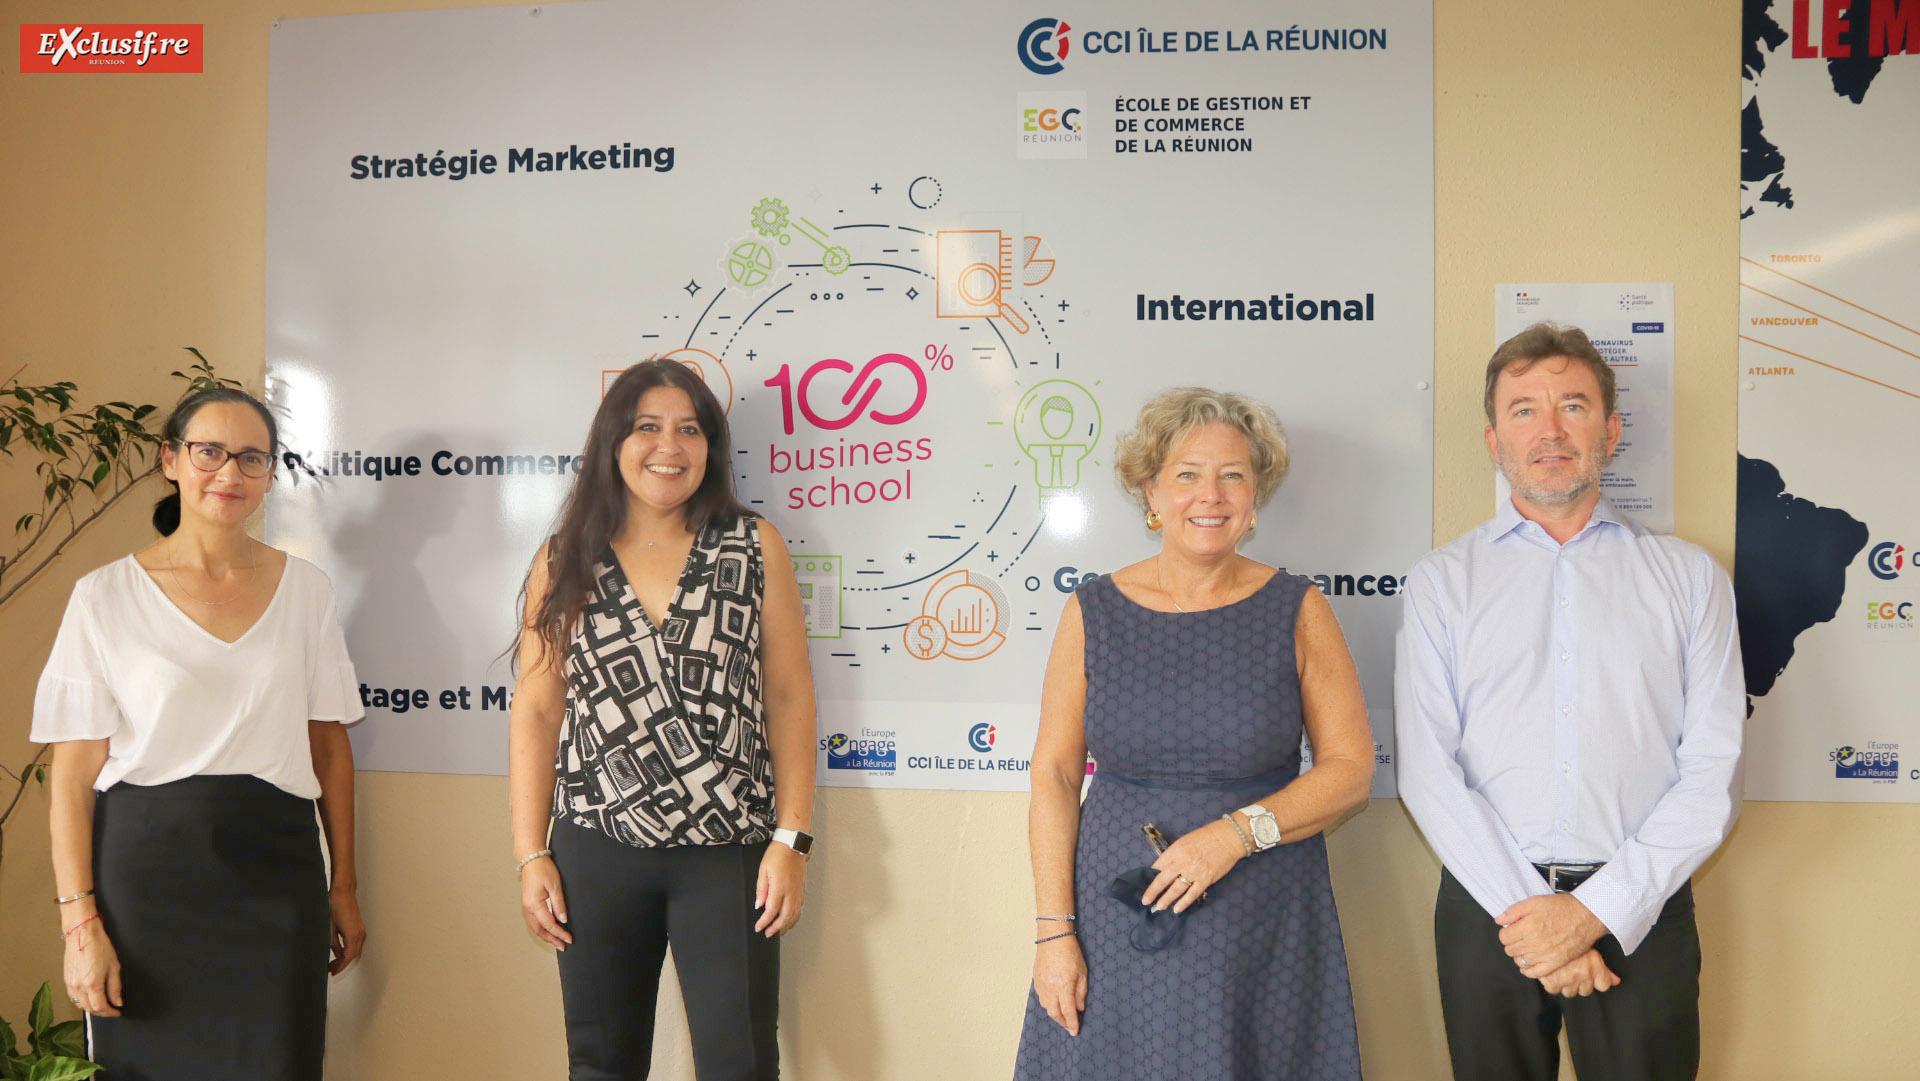 100 étudiants de l'EGC au service des petites entreprises